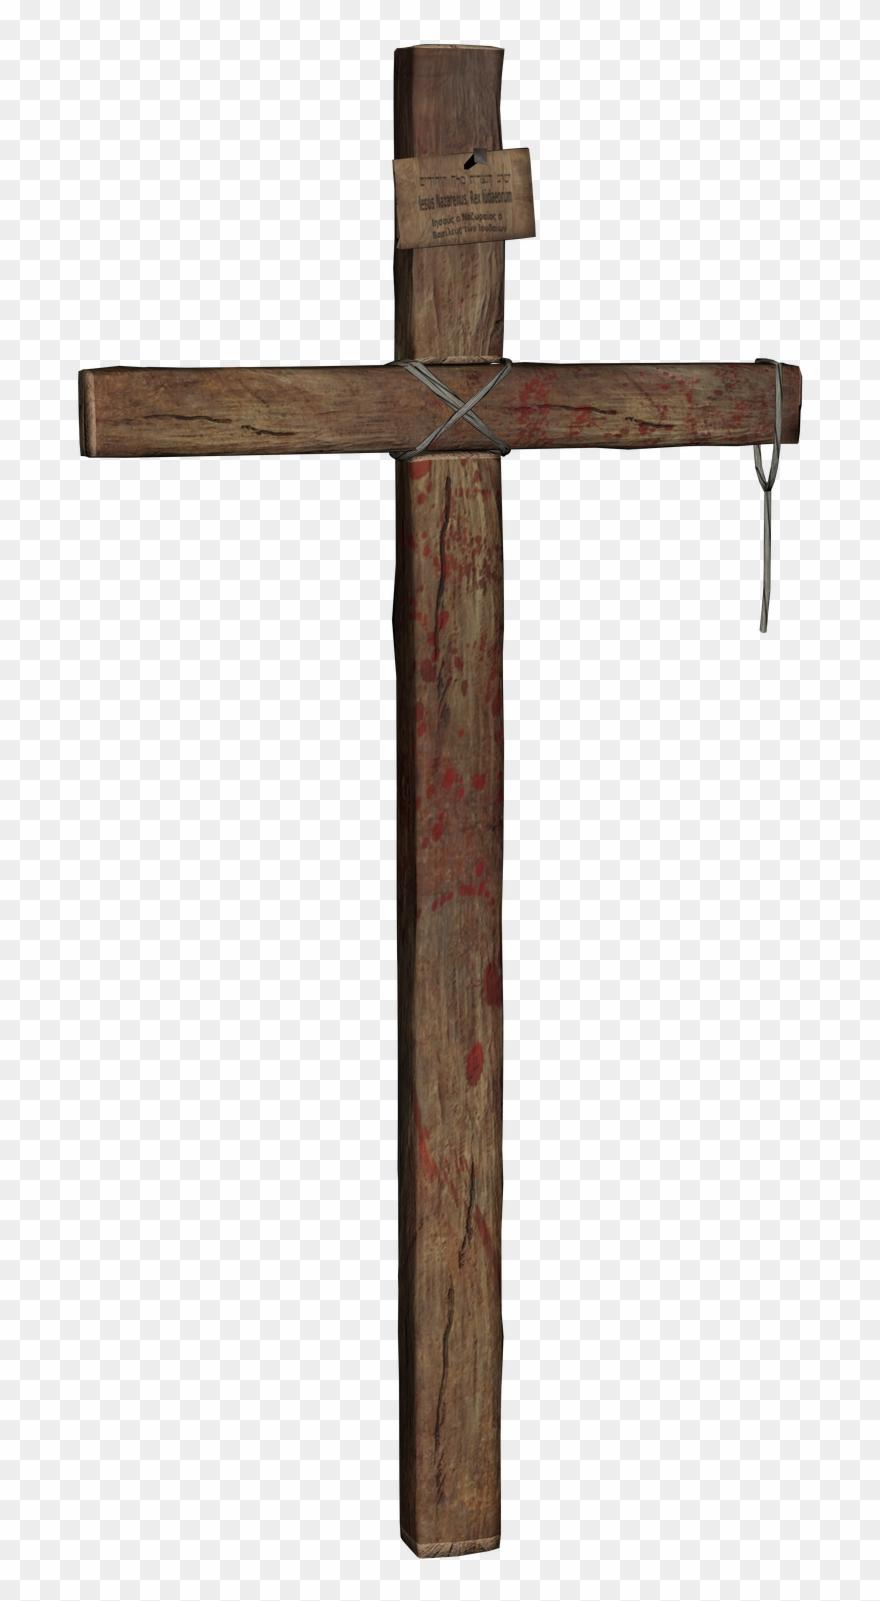 Transparent . Clipart cross wooden cross